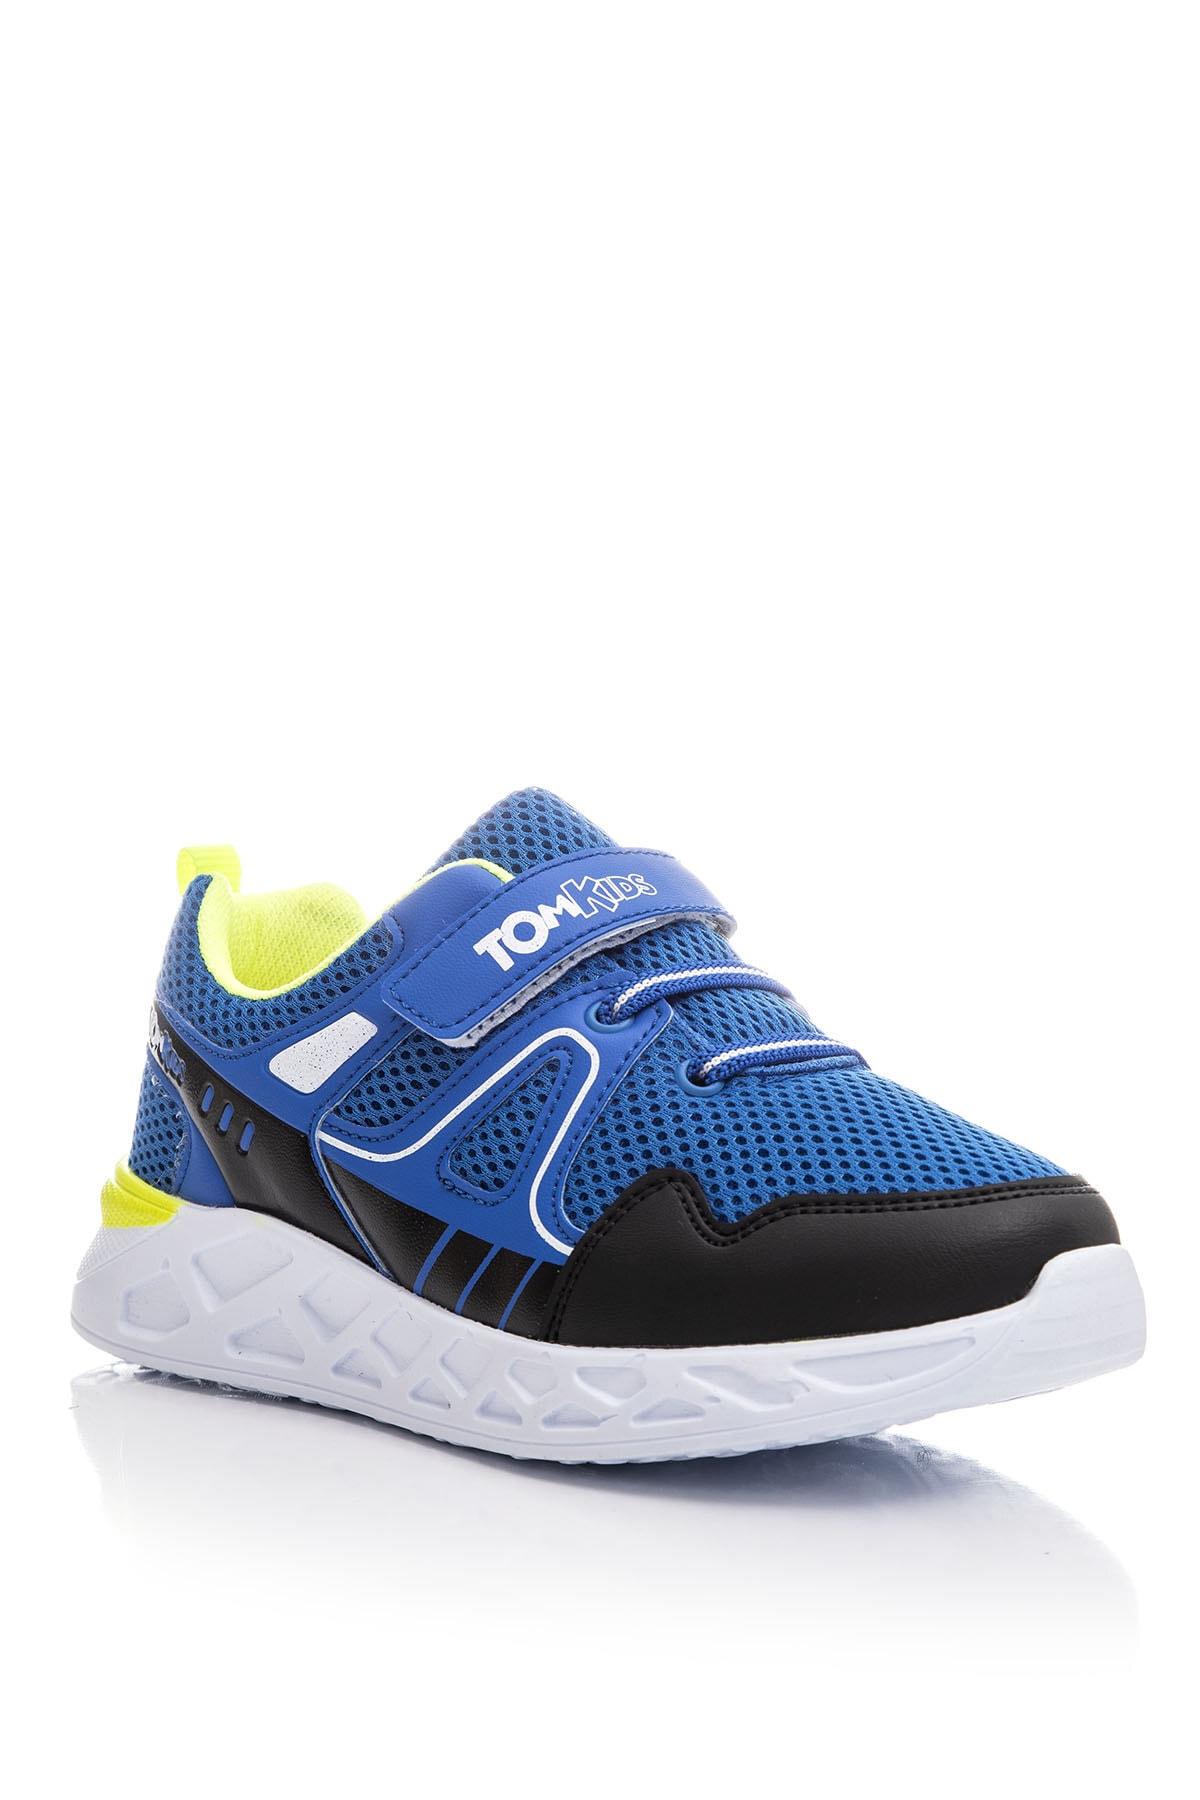 Tonny Black Erkek Çocuk Mavi Spor Ayakkabı TB3401-3 0